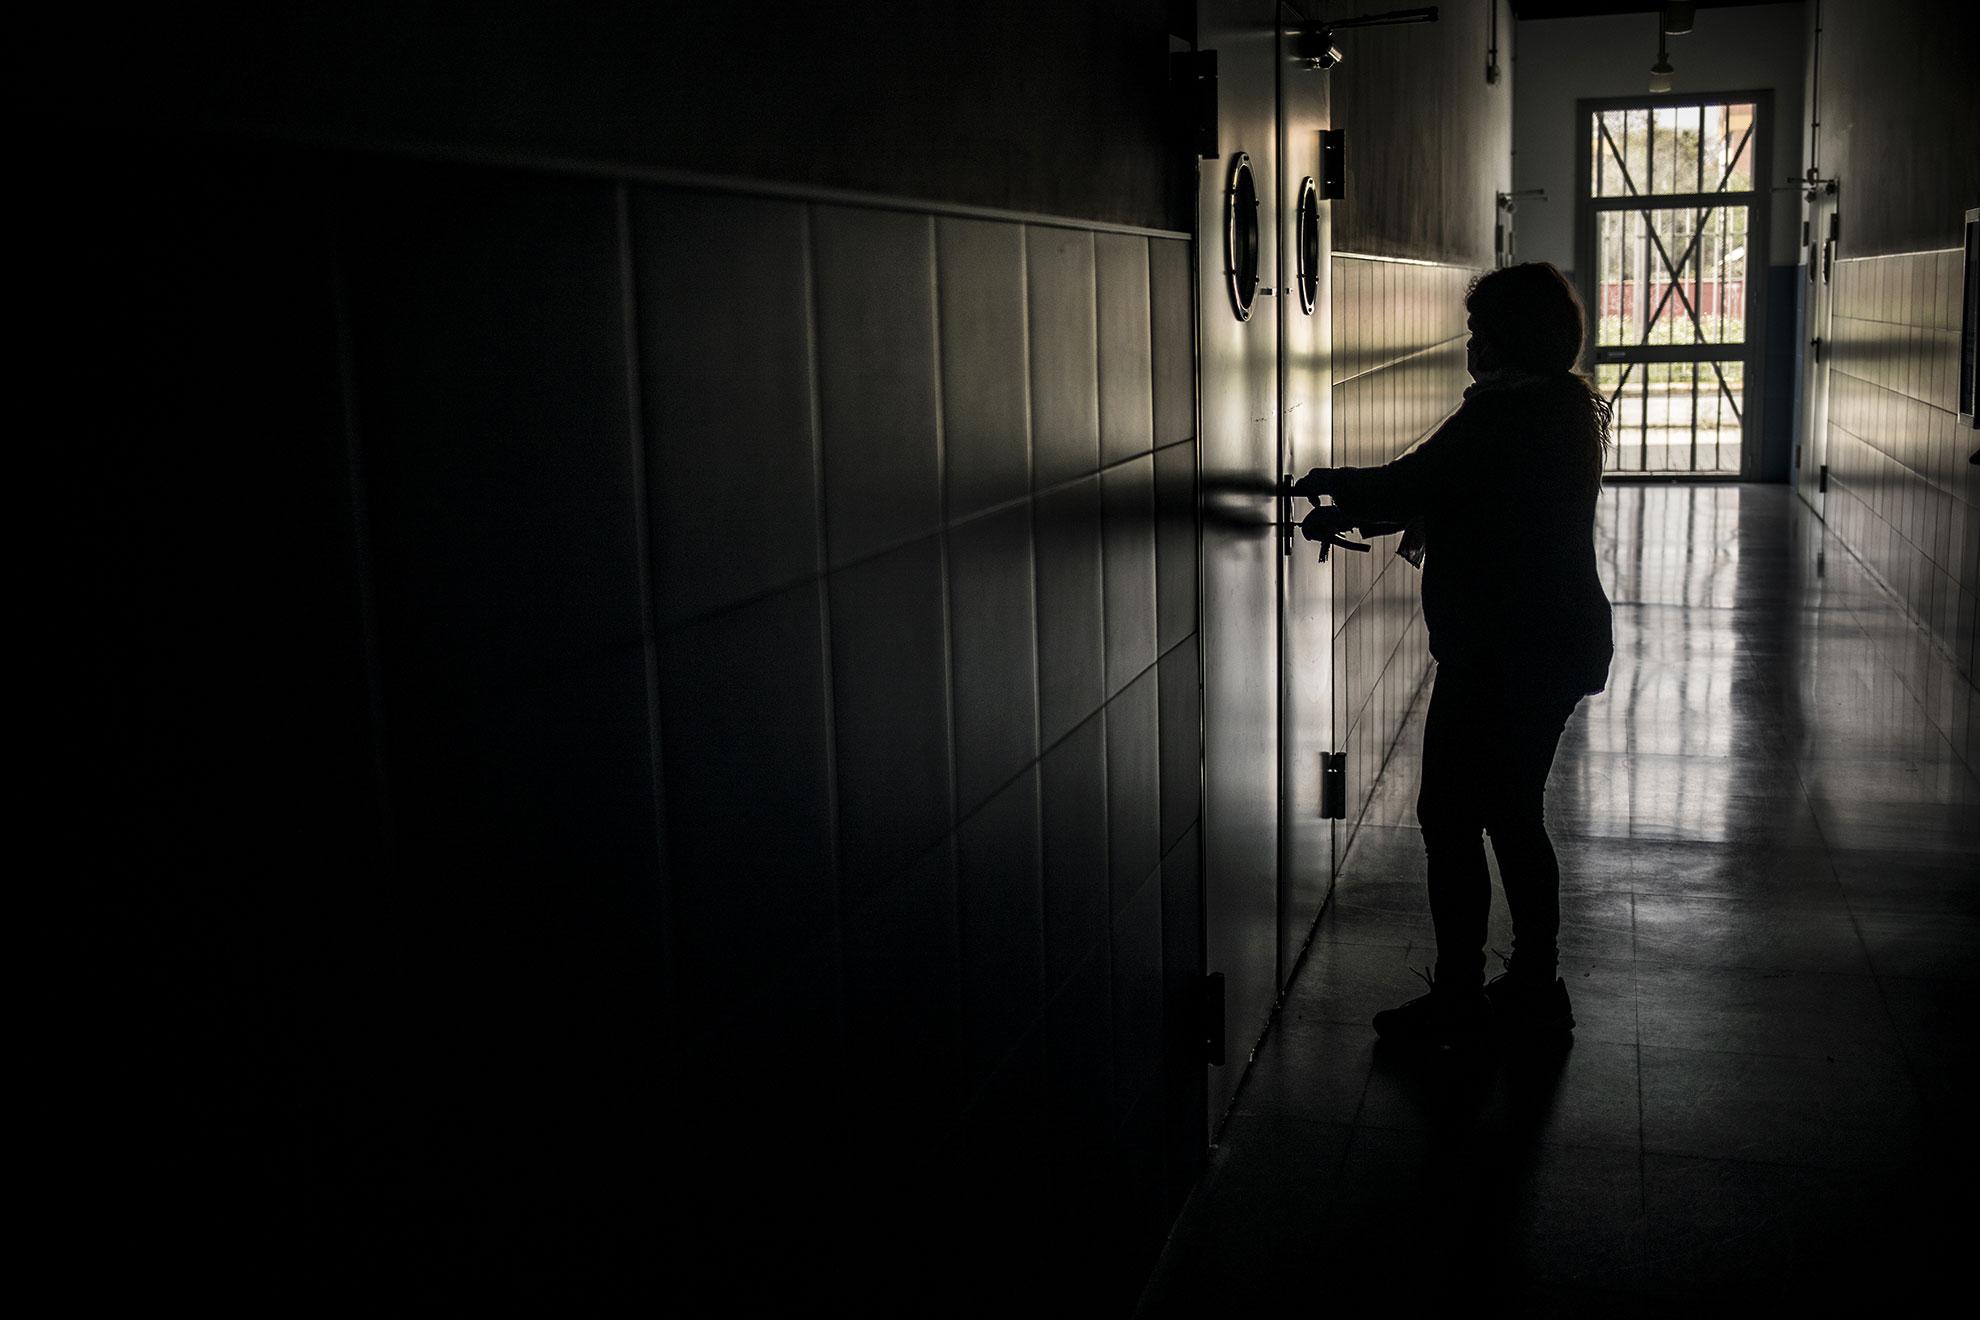 La situación de estado de alarma en la que se encuentra España desde el pasado día 14 de marzo ha supuesto un escollo en el sistema de educación a nivel nacional, ya que ha dejado a unos 10 millones de niños y jóvenes sin la posibilidad ir a clase. Si bien la mayoría de centros educativos se han adaptado a la situación propiciando clases y actividades online, hay discrepancias entre el gobierno central y autonómicos en cuanto a cómo realizar y evaluar el tercer trimestre para los alumnos. En la imagen, una empleada cierra la puerta de un aula en un centro de formación profesional en Sevilla.